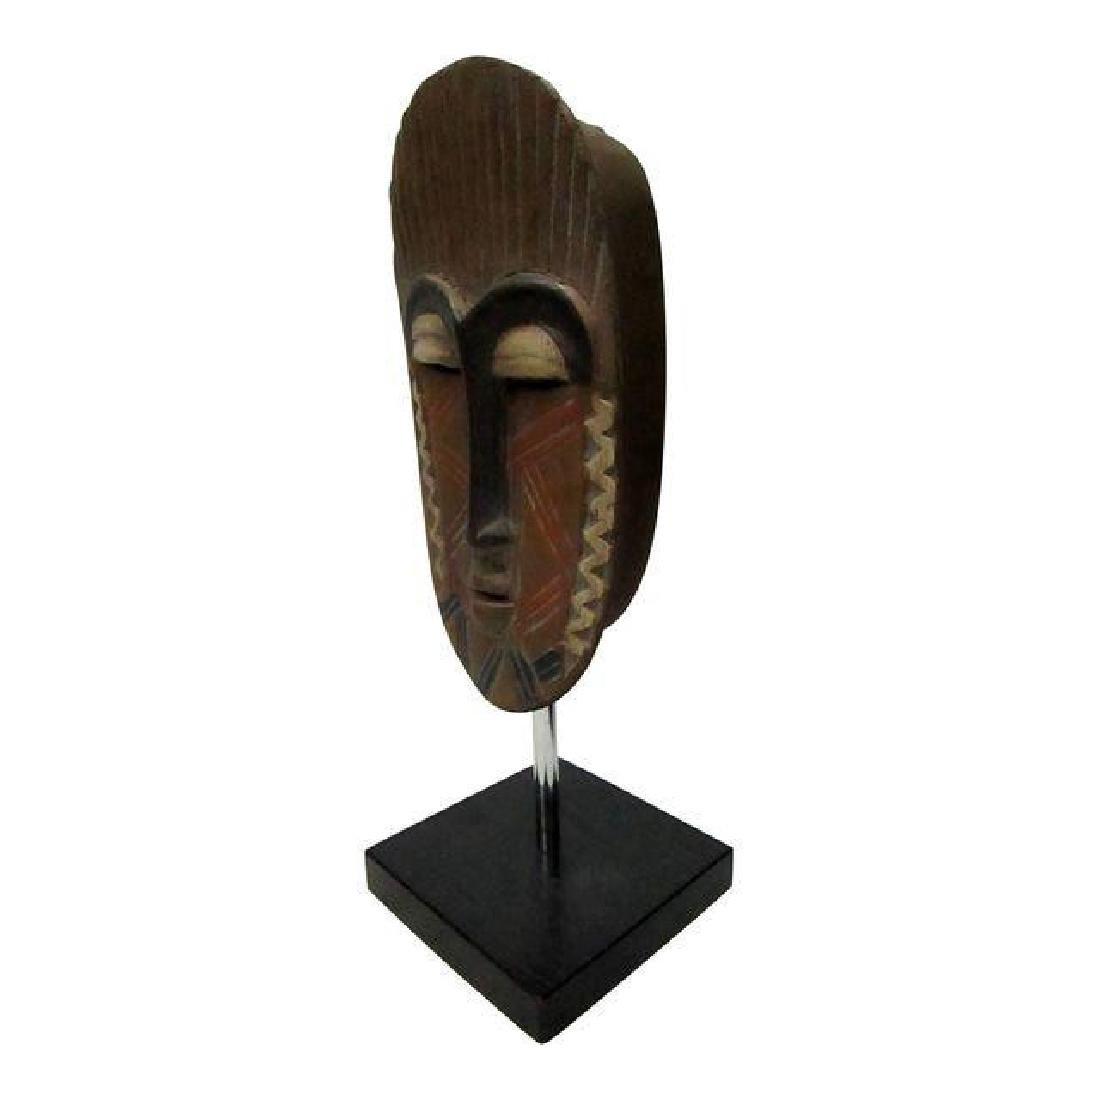 African Mask on Black Base